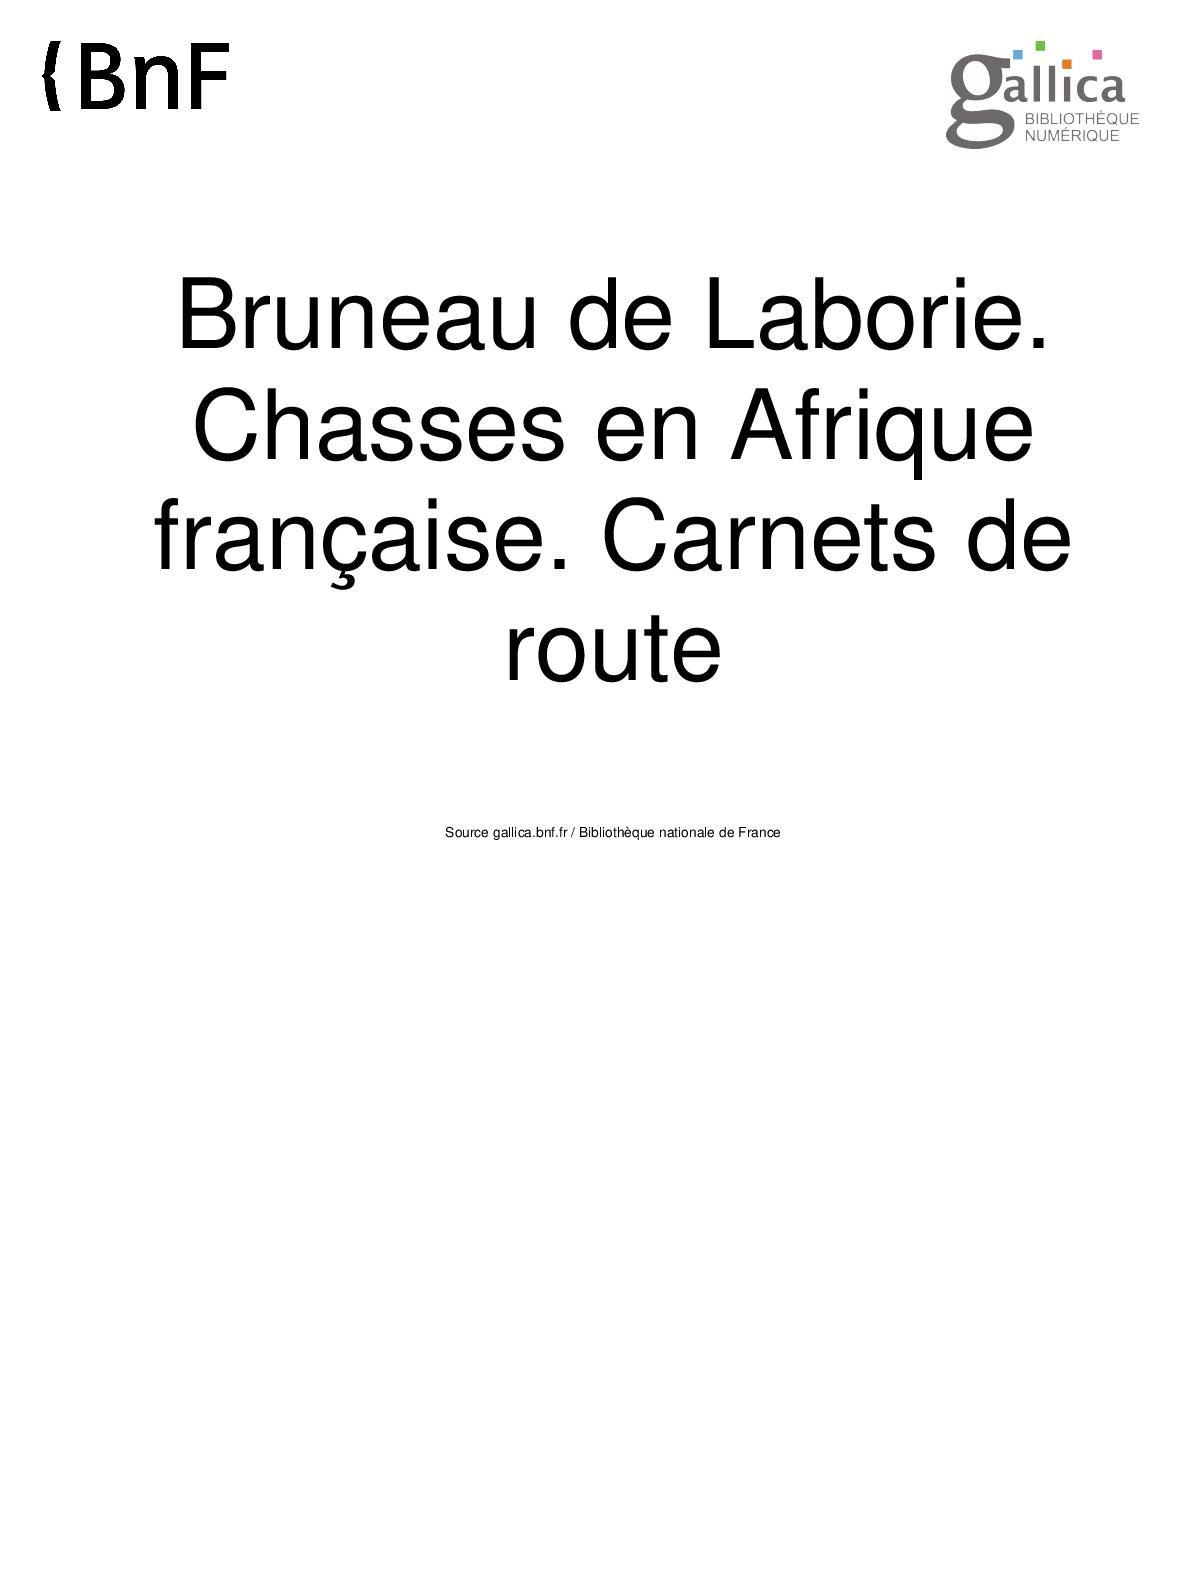 Calaméo - Carnets De Route Chasse N6397674 PDF 1 1DM 31f536e114a